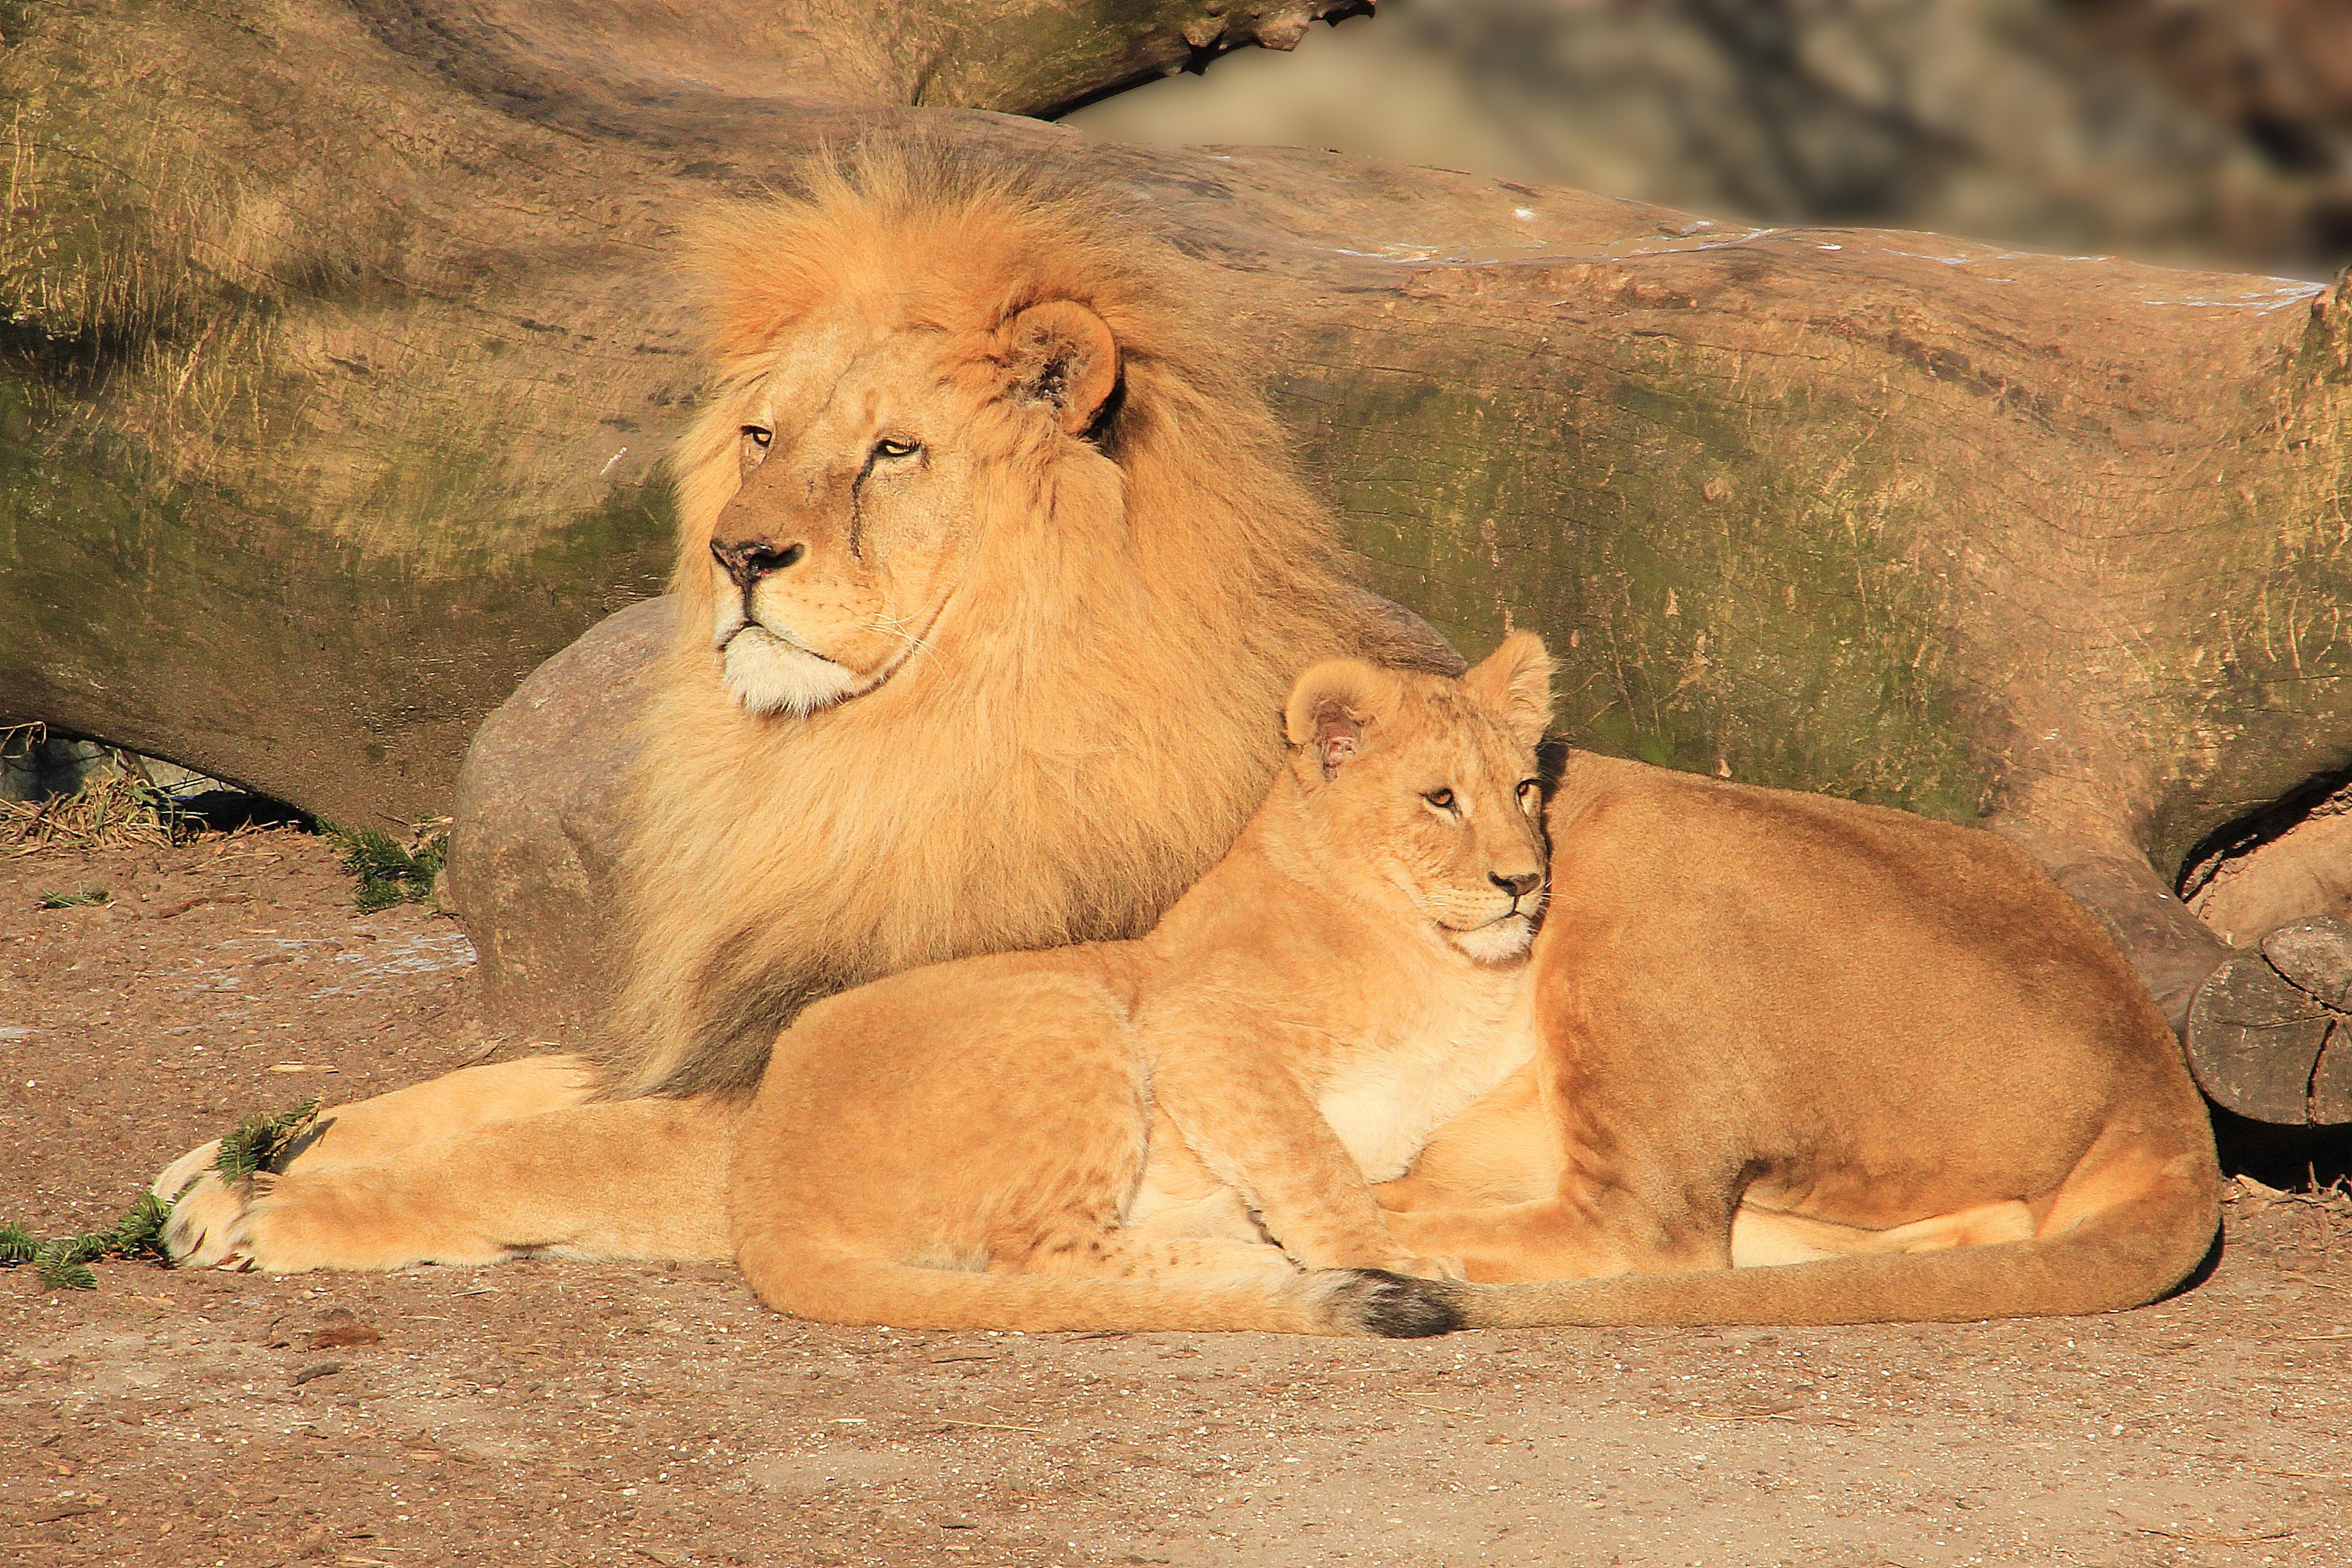 картинки львов вместе того, что